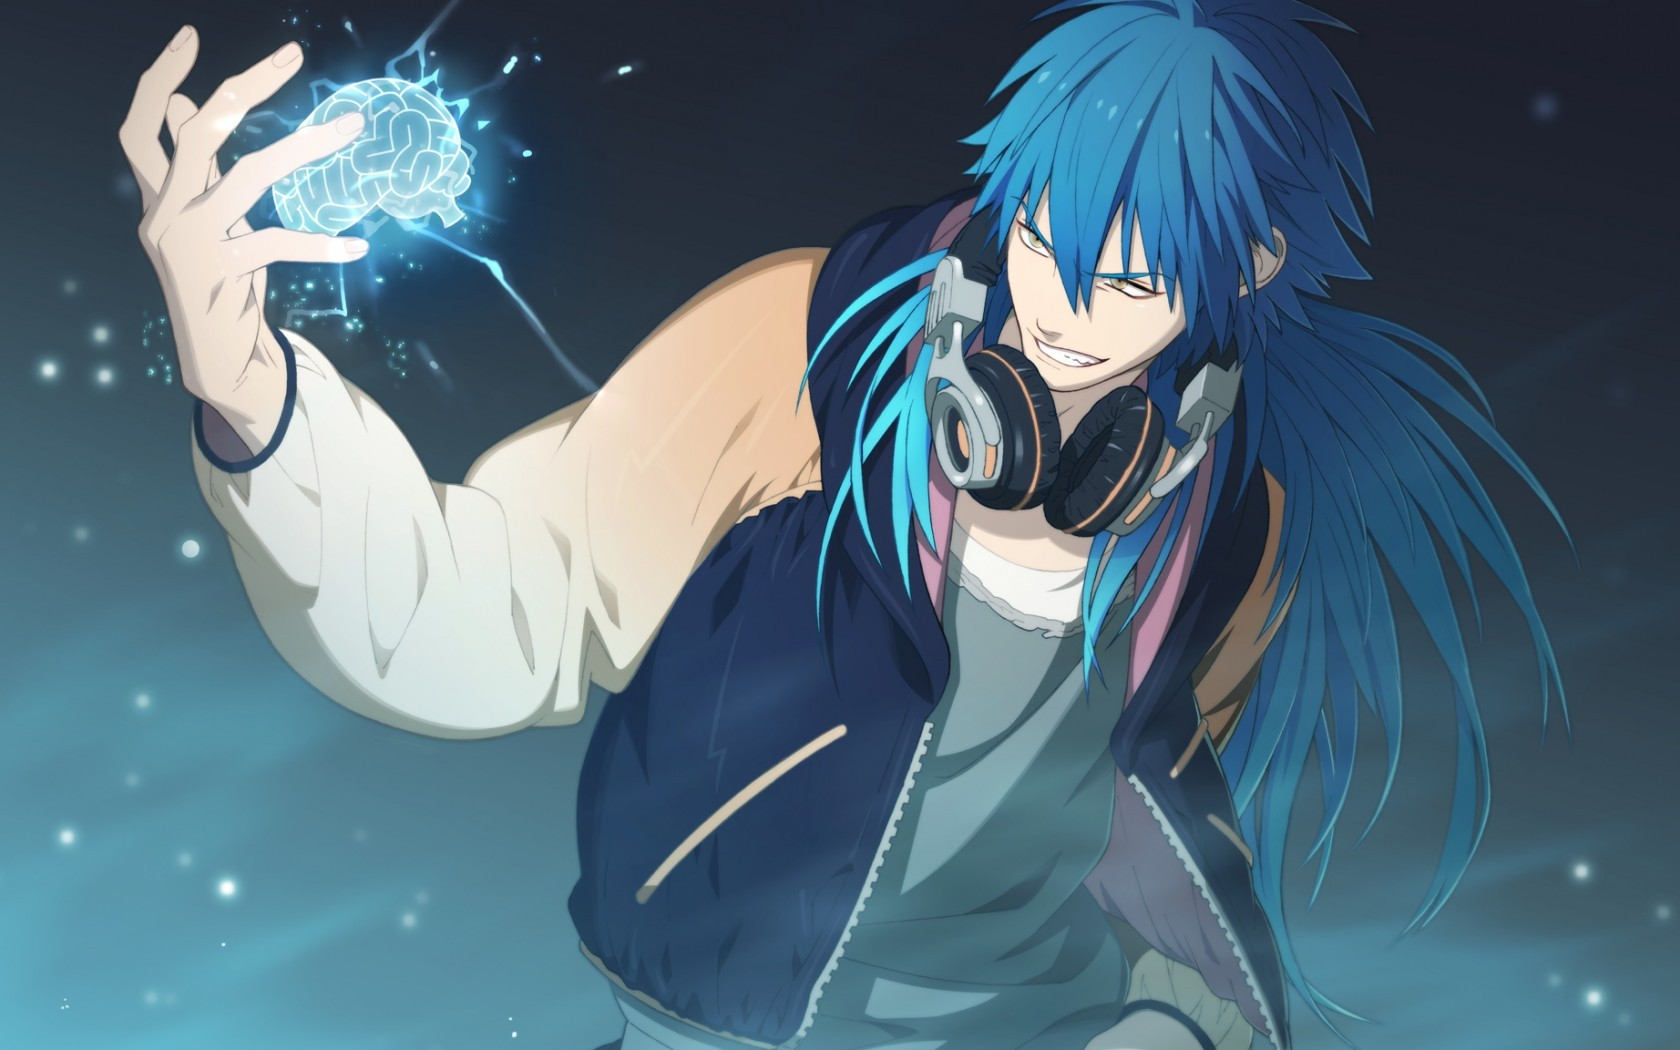 Красивые аниме магия - e92